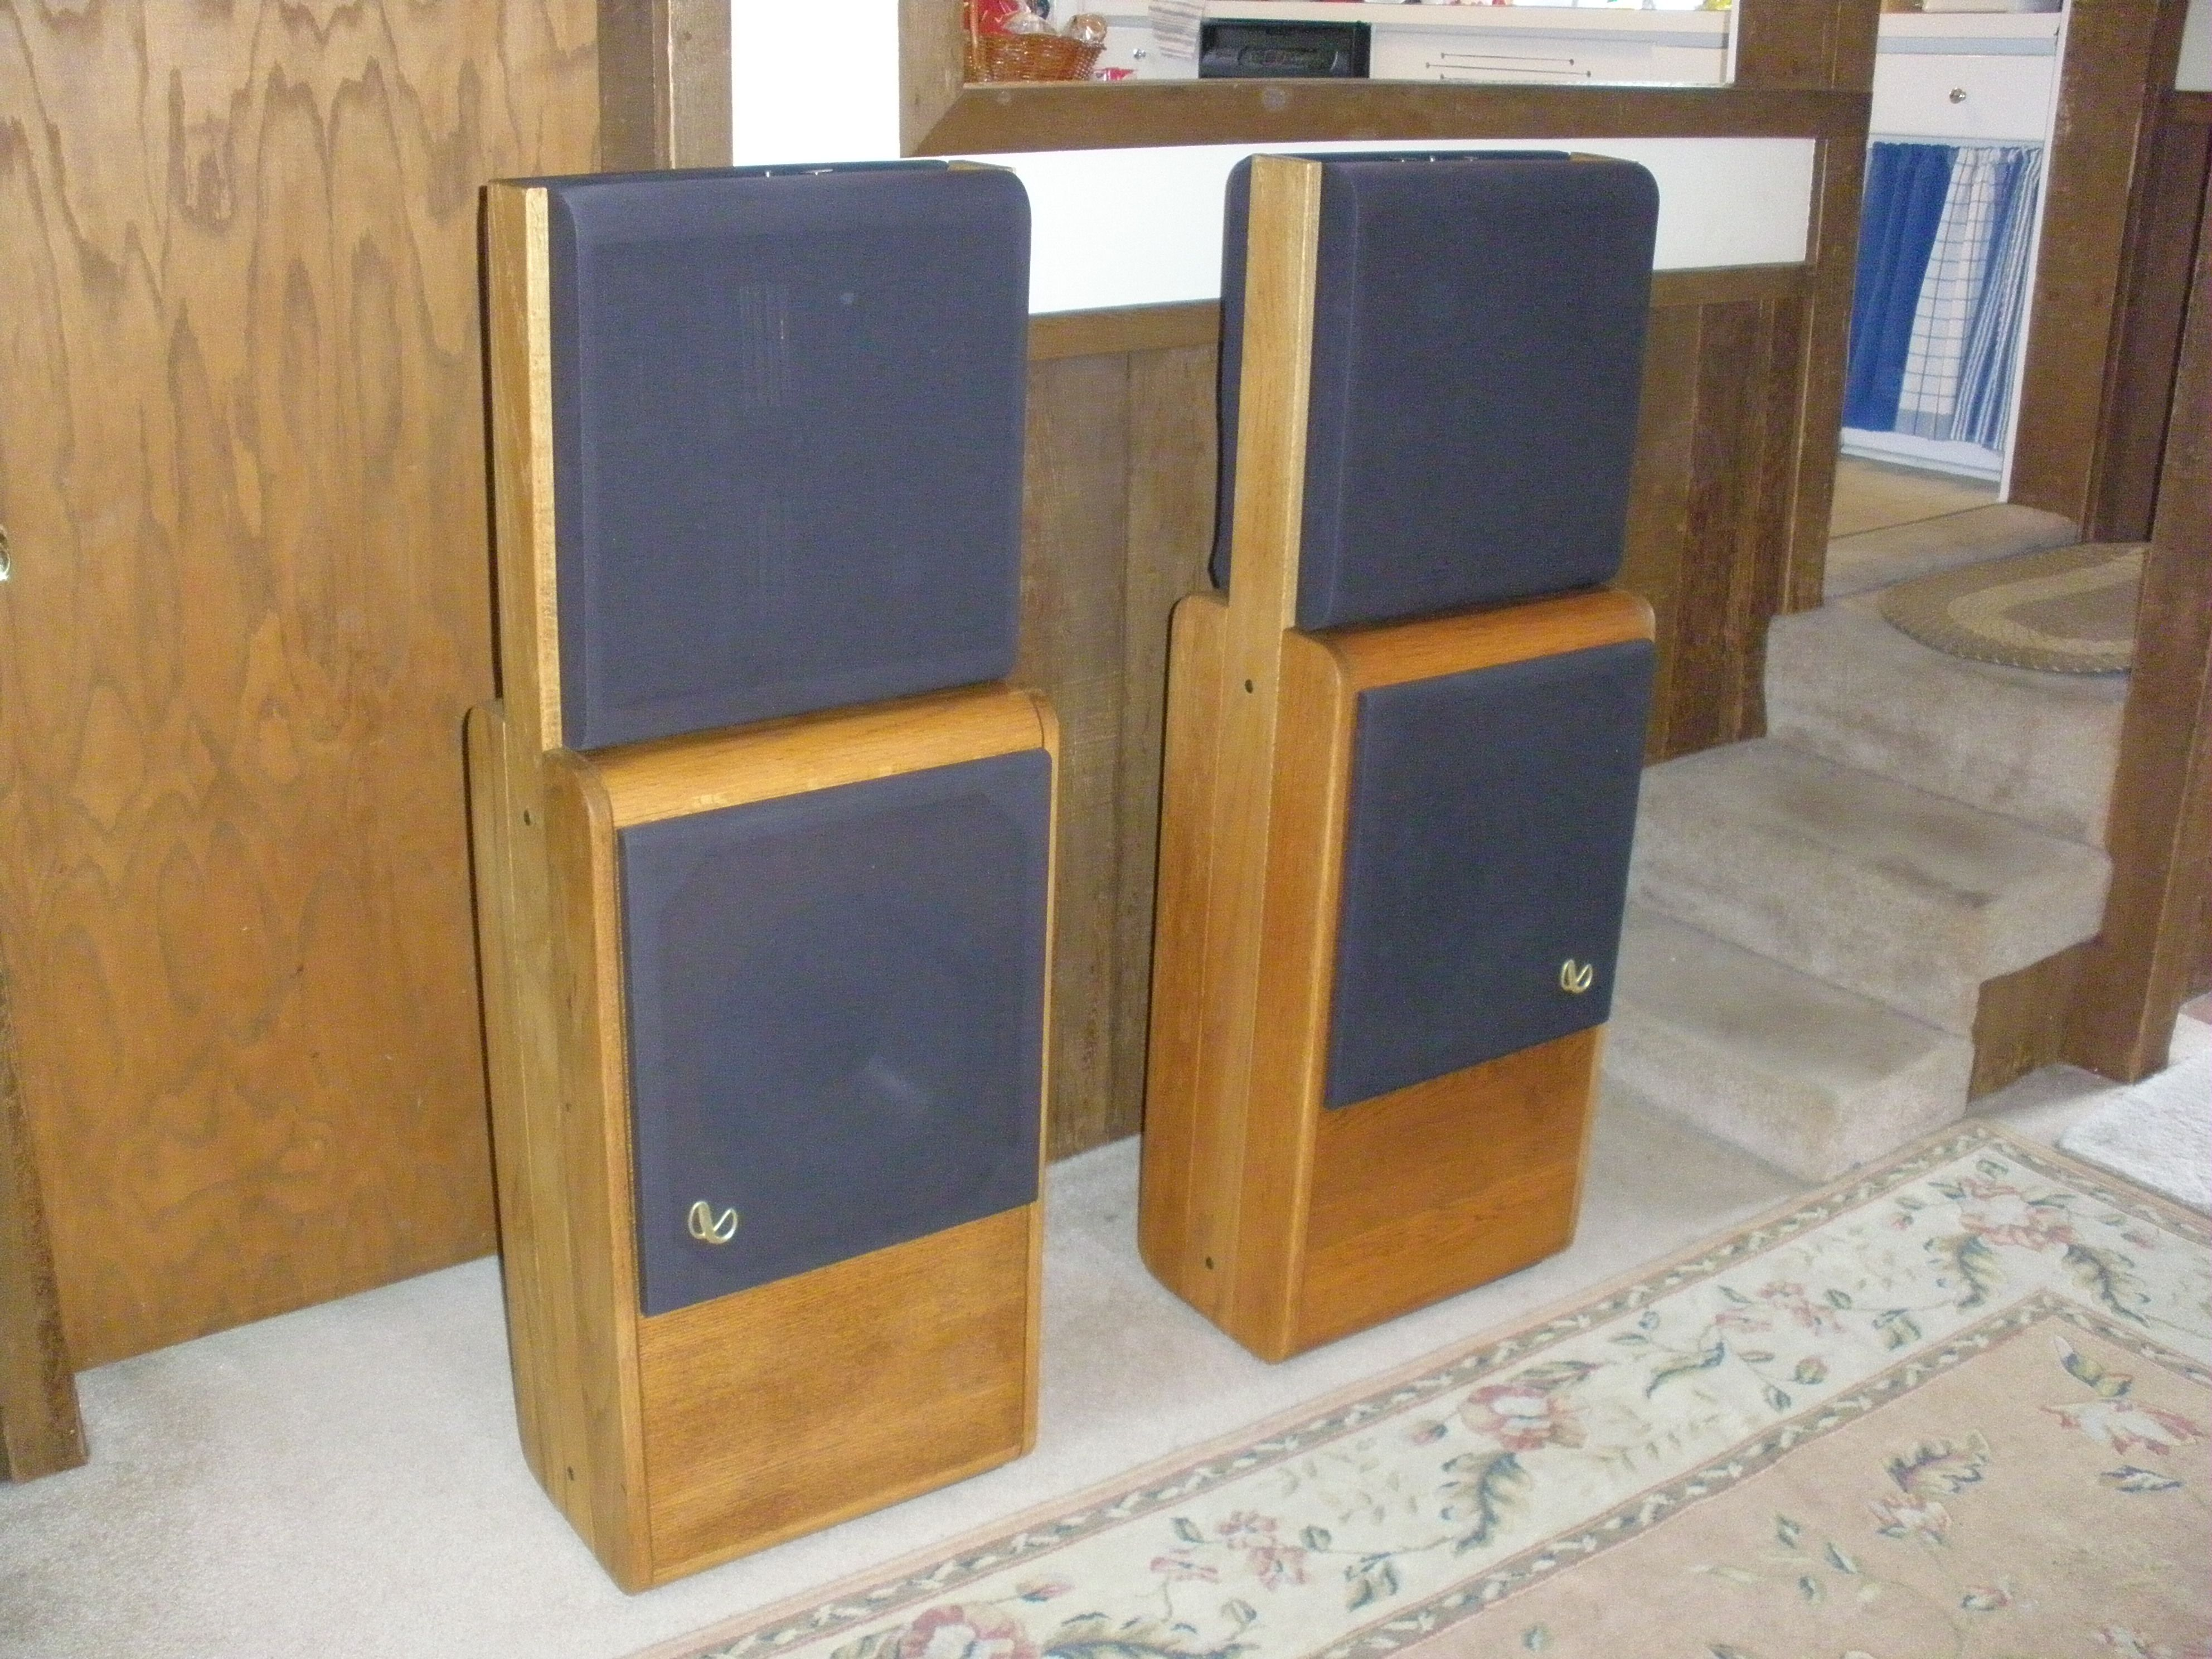 Infinity Rs 2 5 Speakers Vintage Amp Newer Stereo Speakers